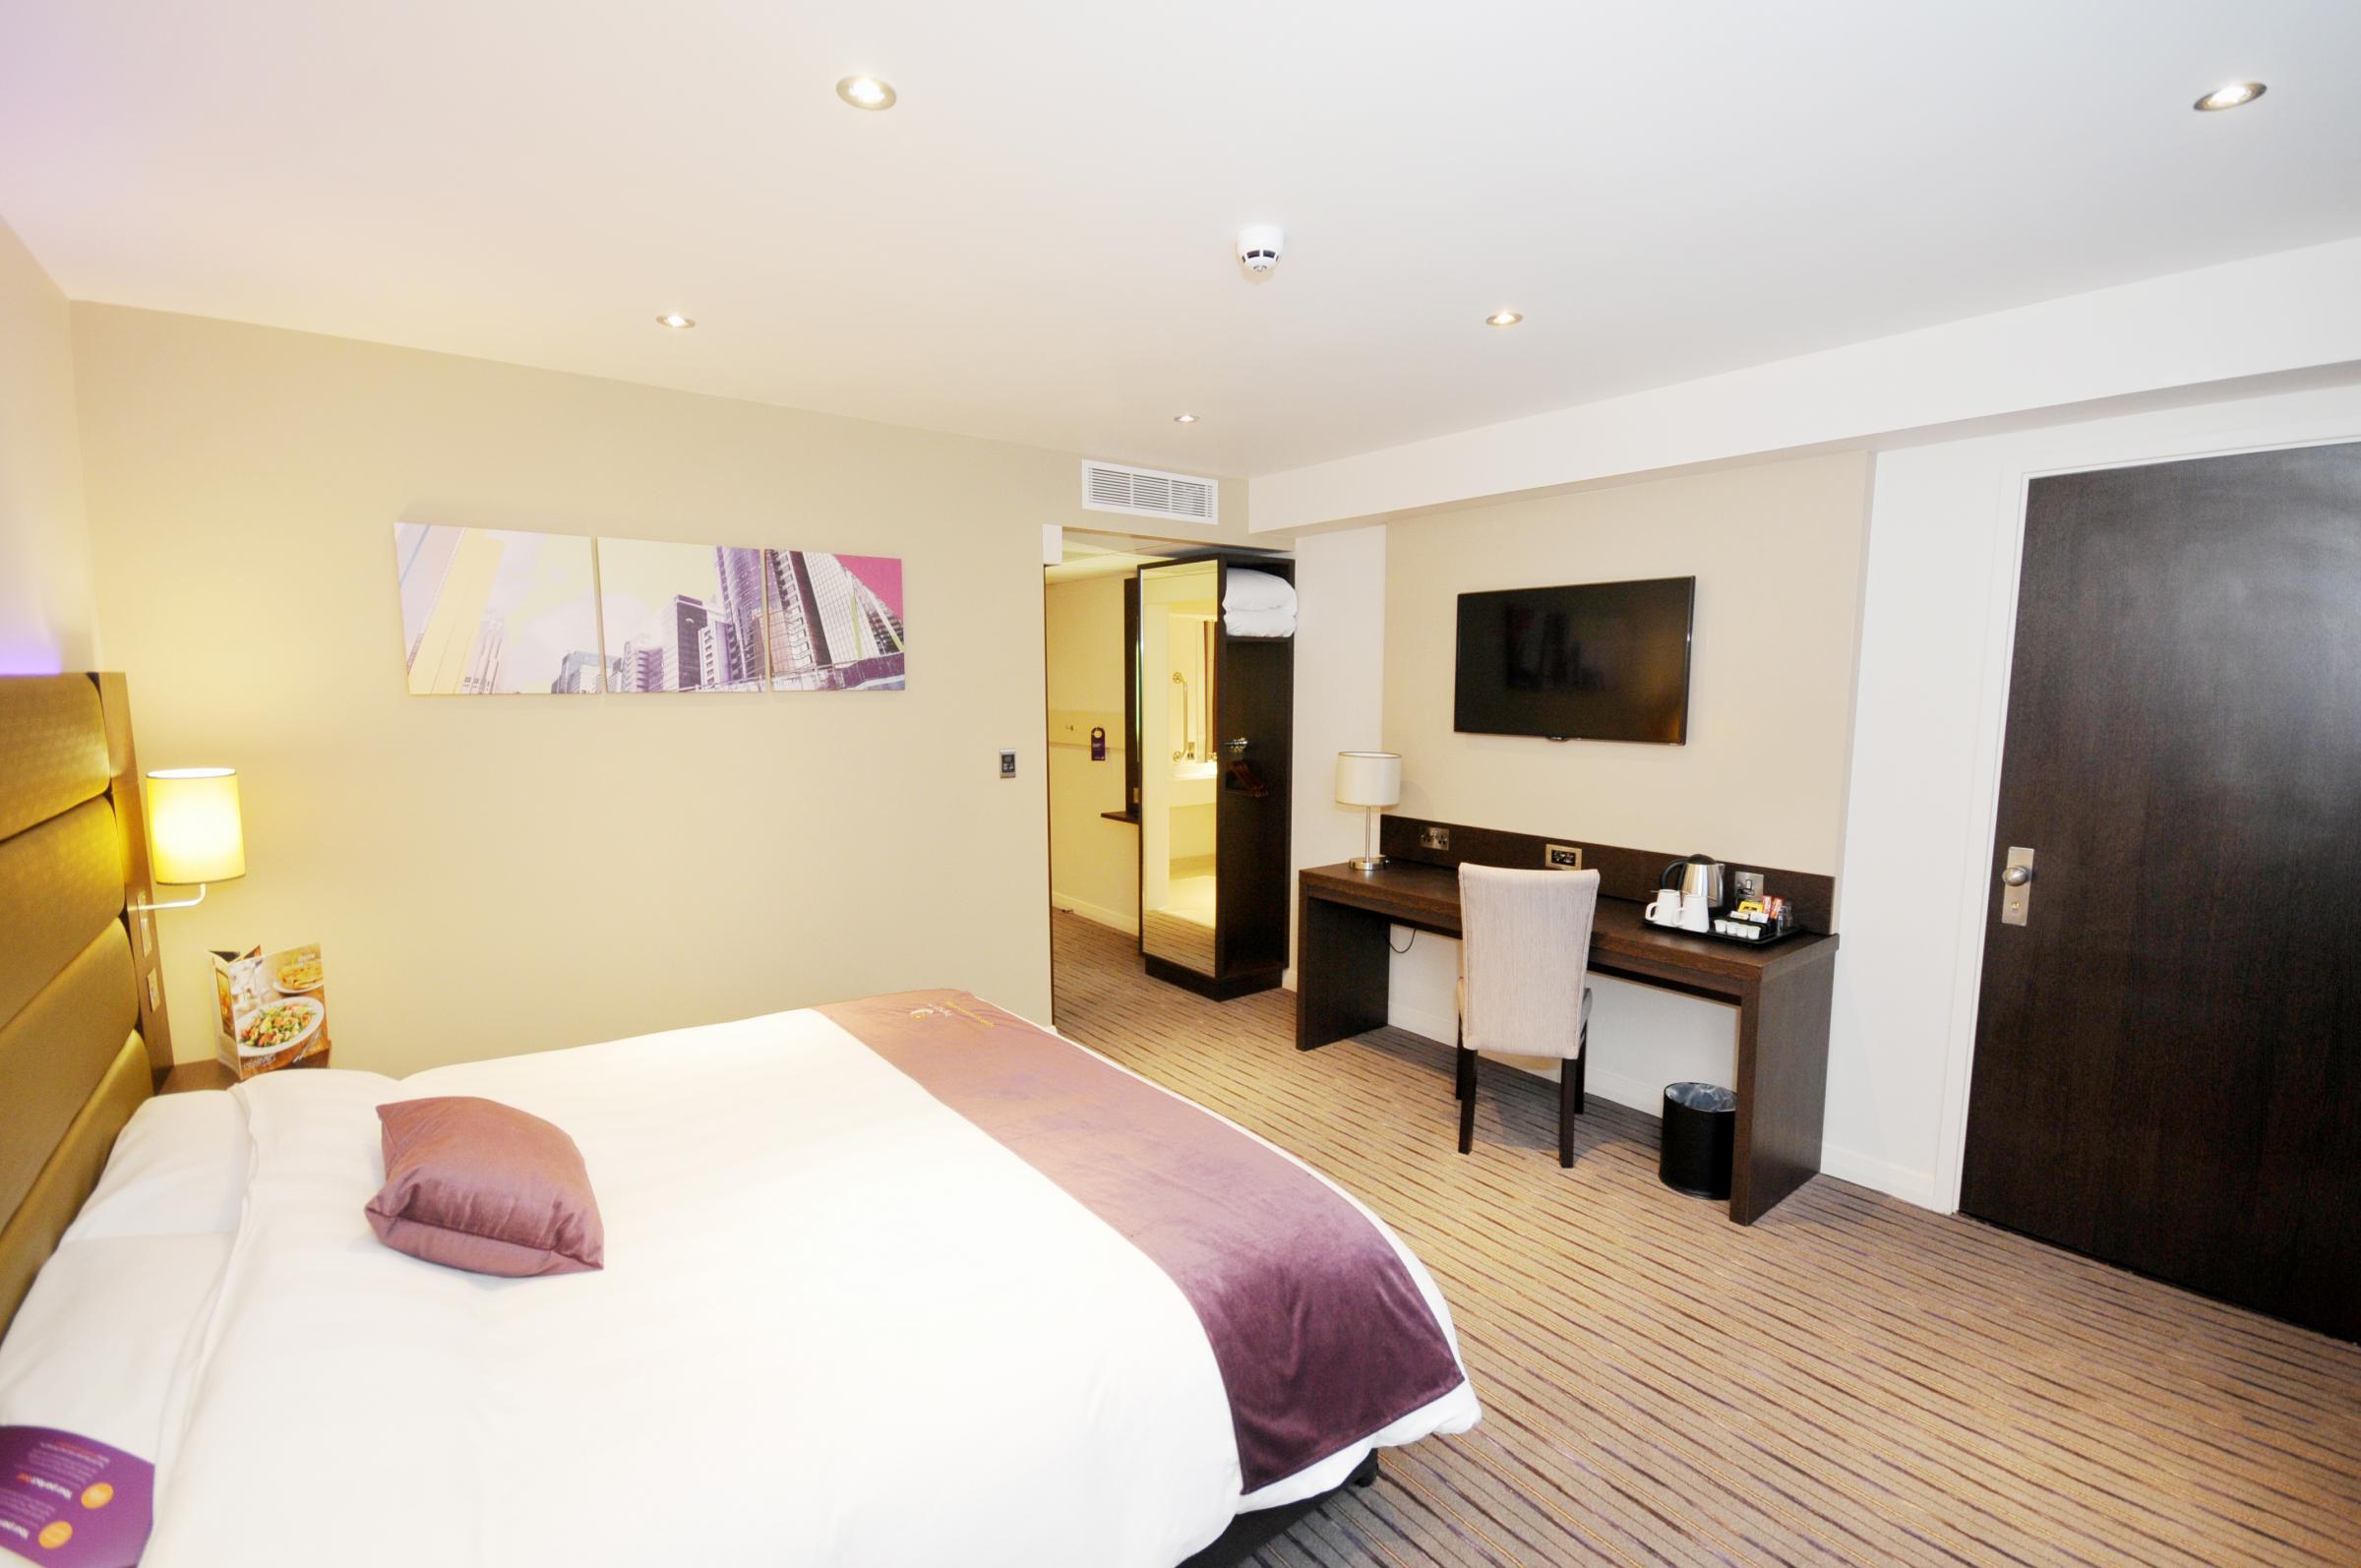 OPEN FOR BUSINESS: Take a look inside Blackburn's brand new £3m Premier Inn hotel...